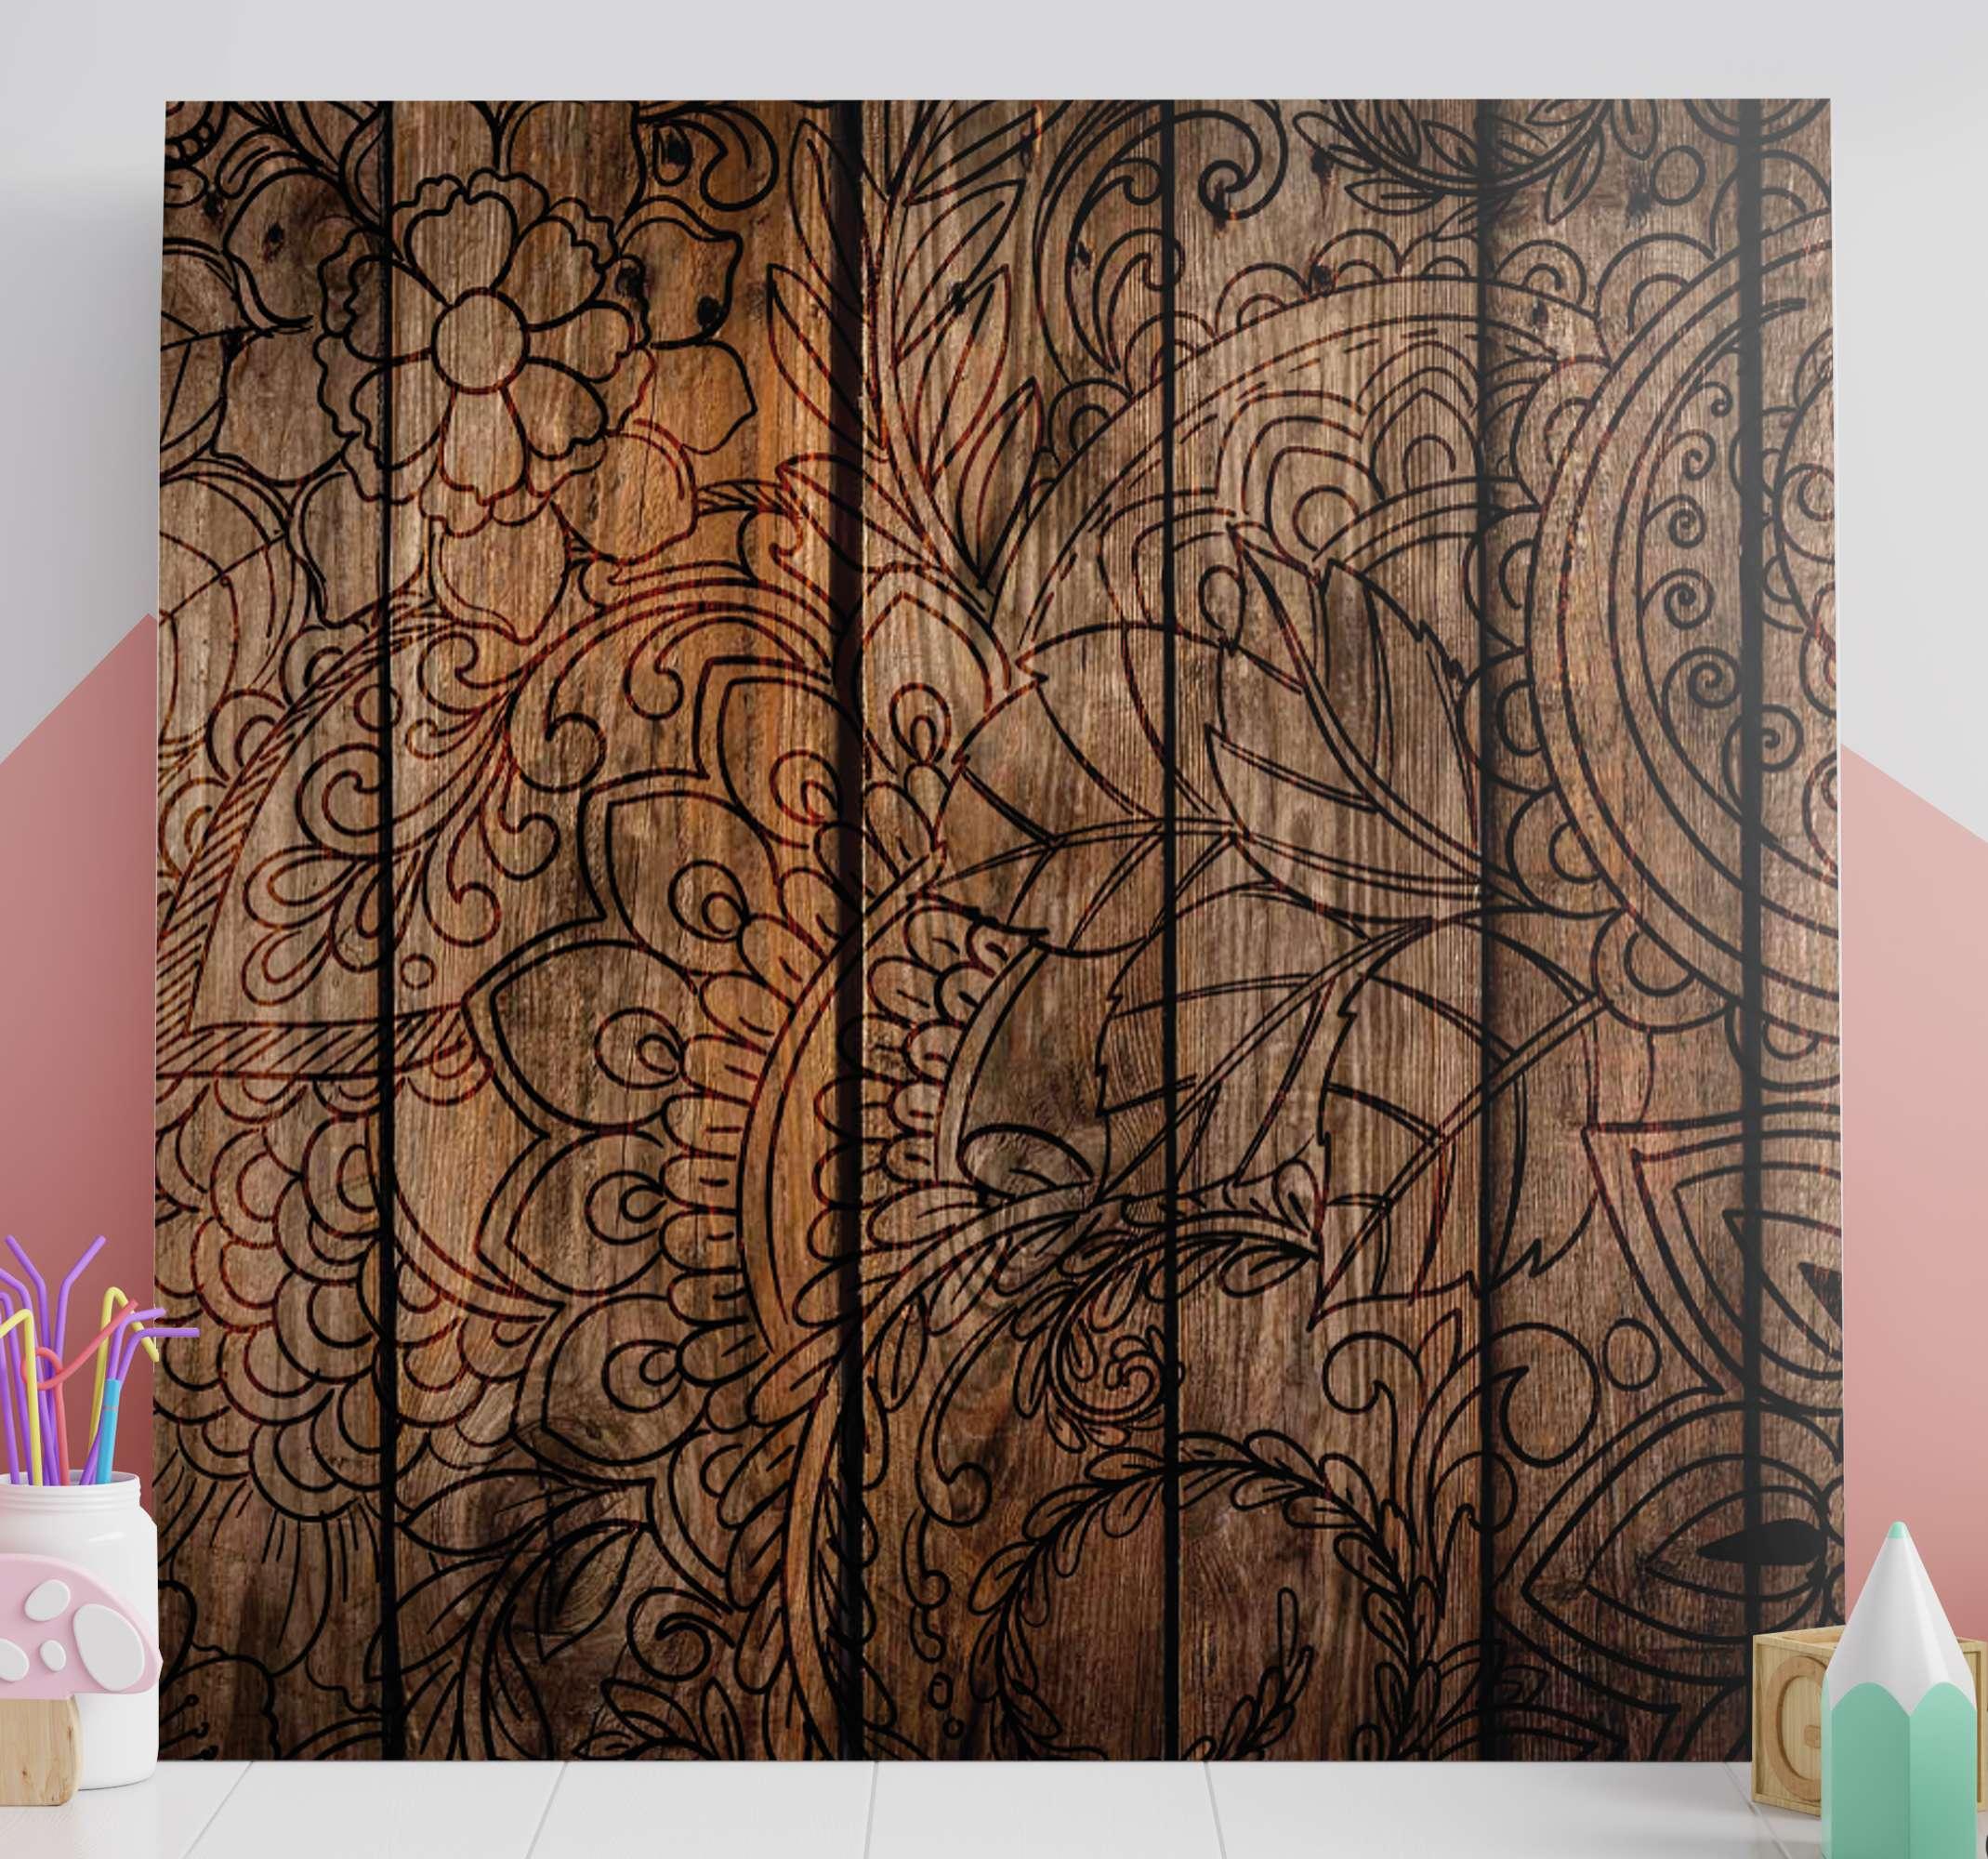 Tenstickers. Trä effekt mandala tryck vägg konst. Mandala kanfas konst som har ett vackert mandala mönster på en trä effekt bakgrund. Rabatter tillgängliga. Hög kvalitet.